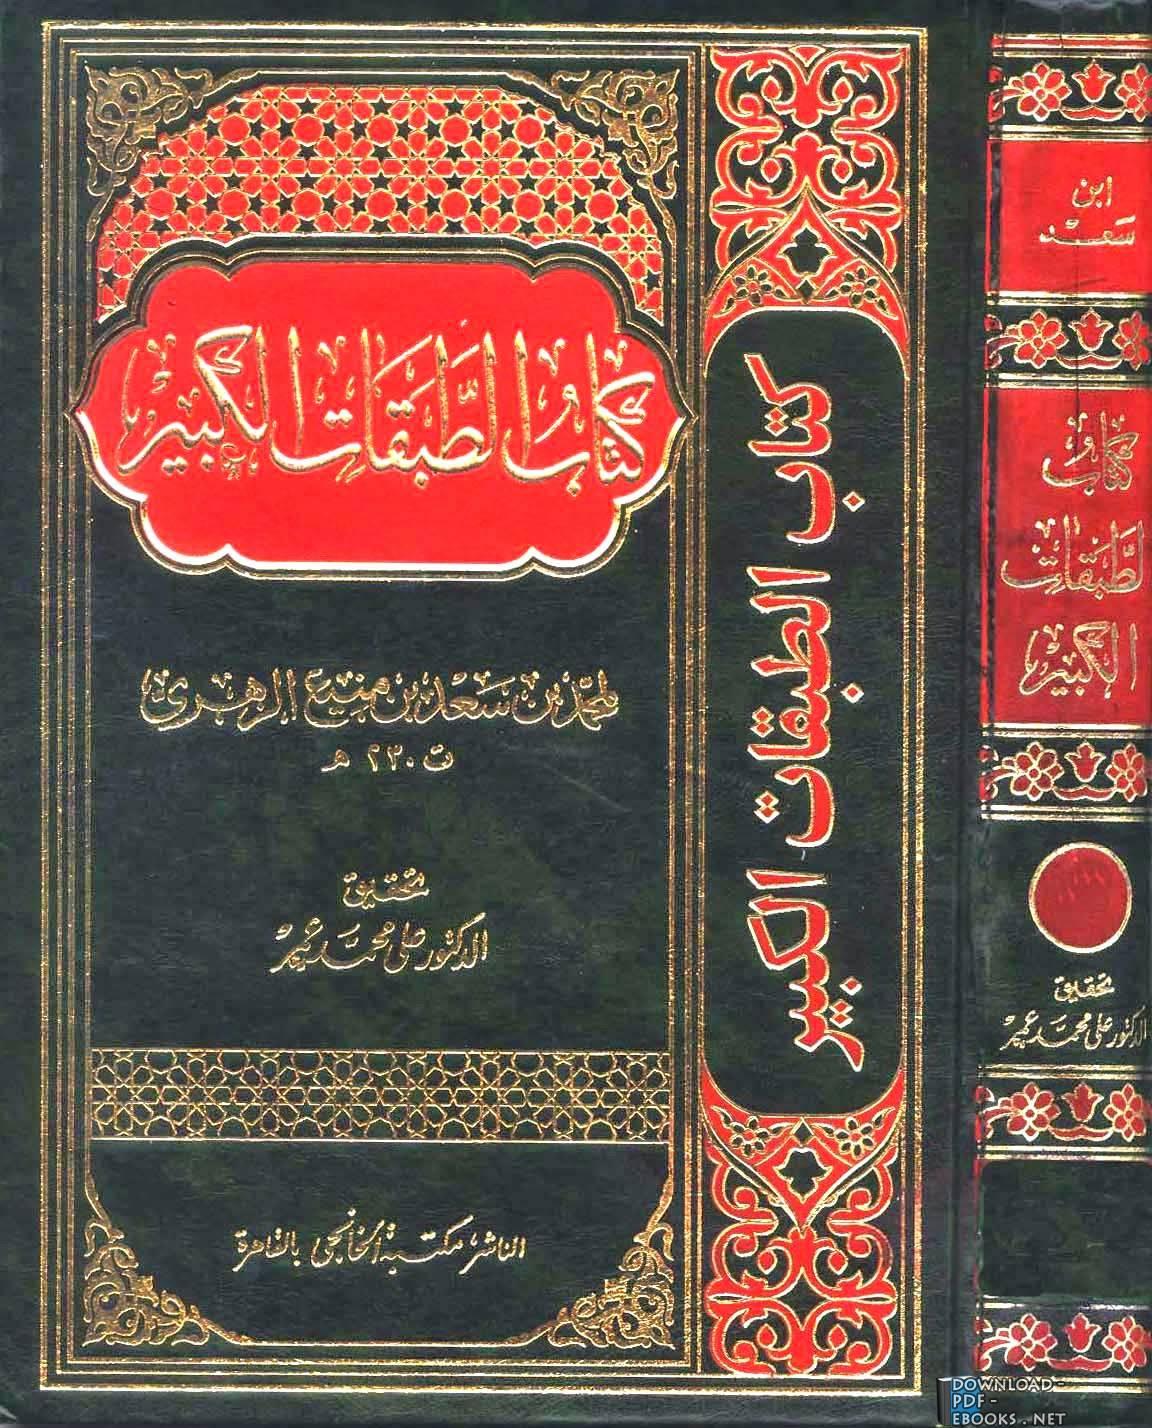 كتاب الطبقات الكبير (الطبقات الكبرى) (طبقات ابن سعد) (ط. الخانجي) الجزء العاشر: في النساء * 4926 - 5554